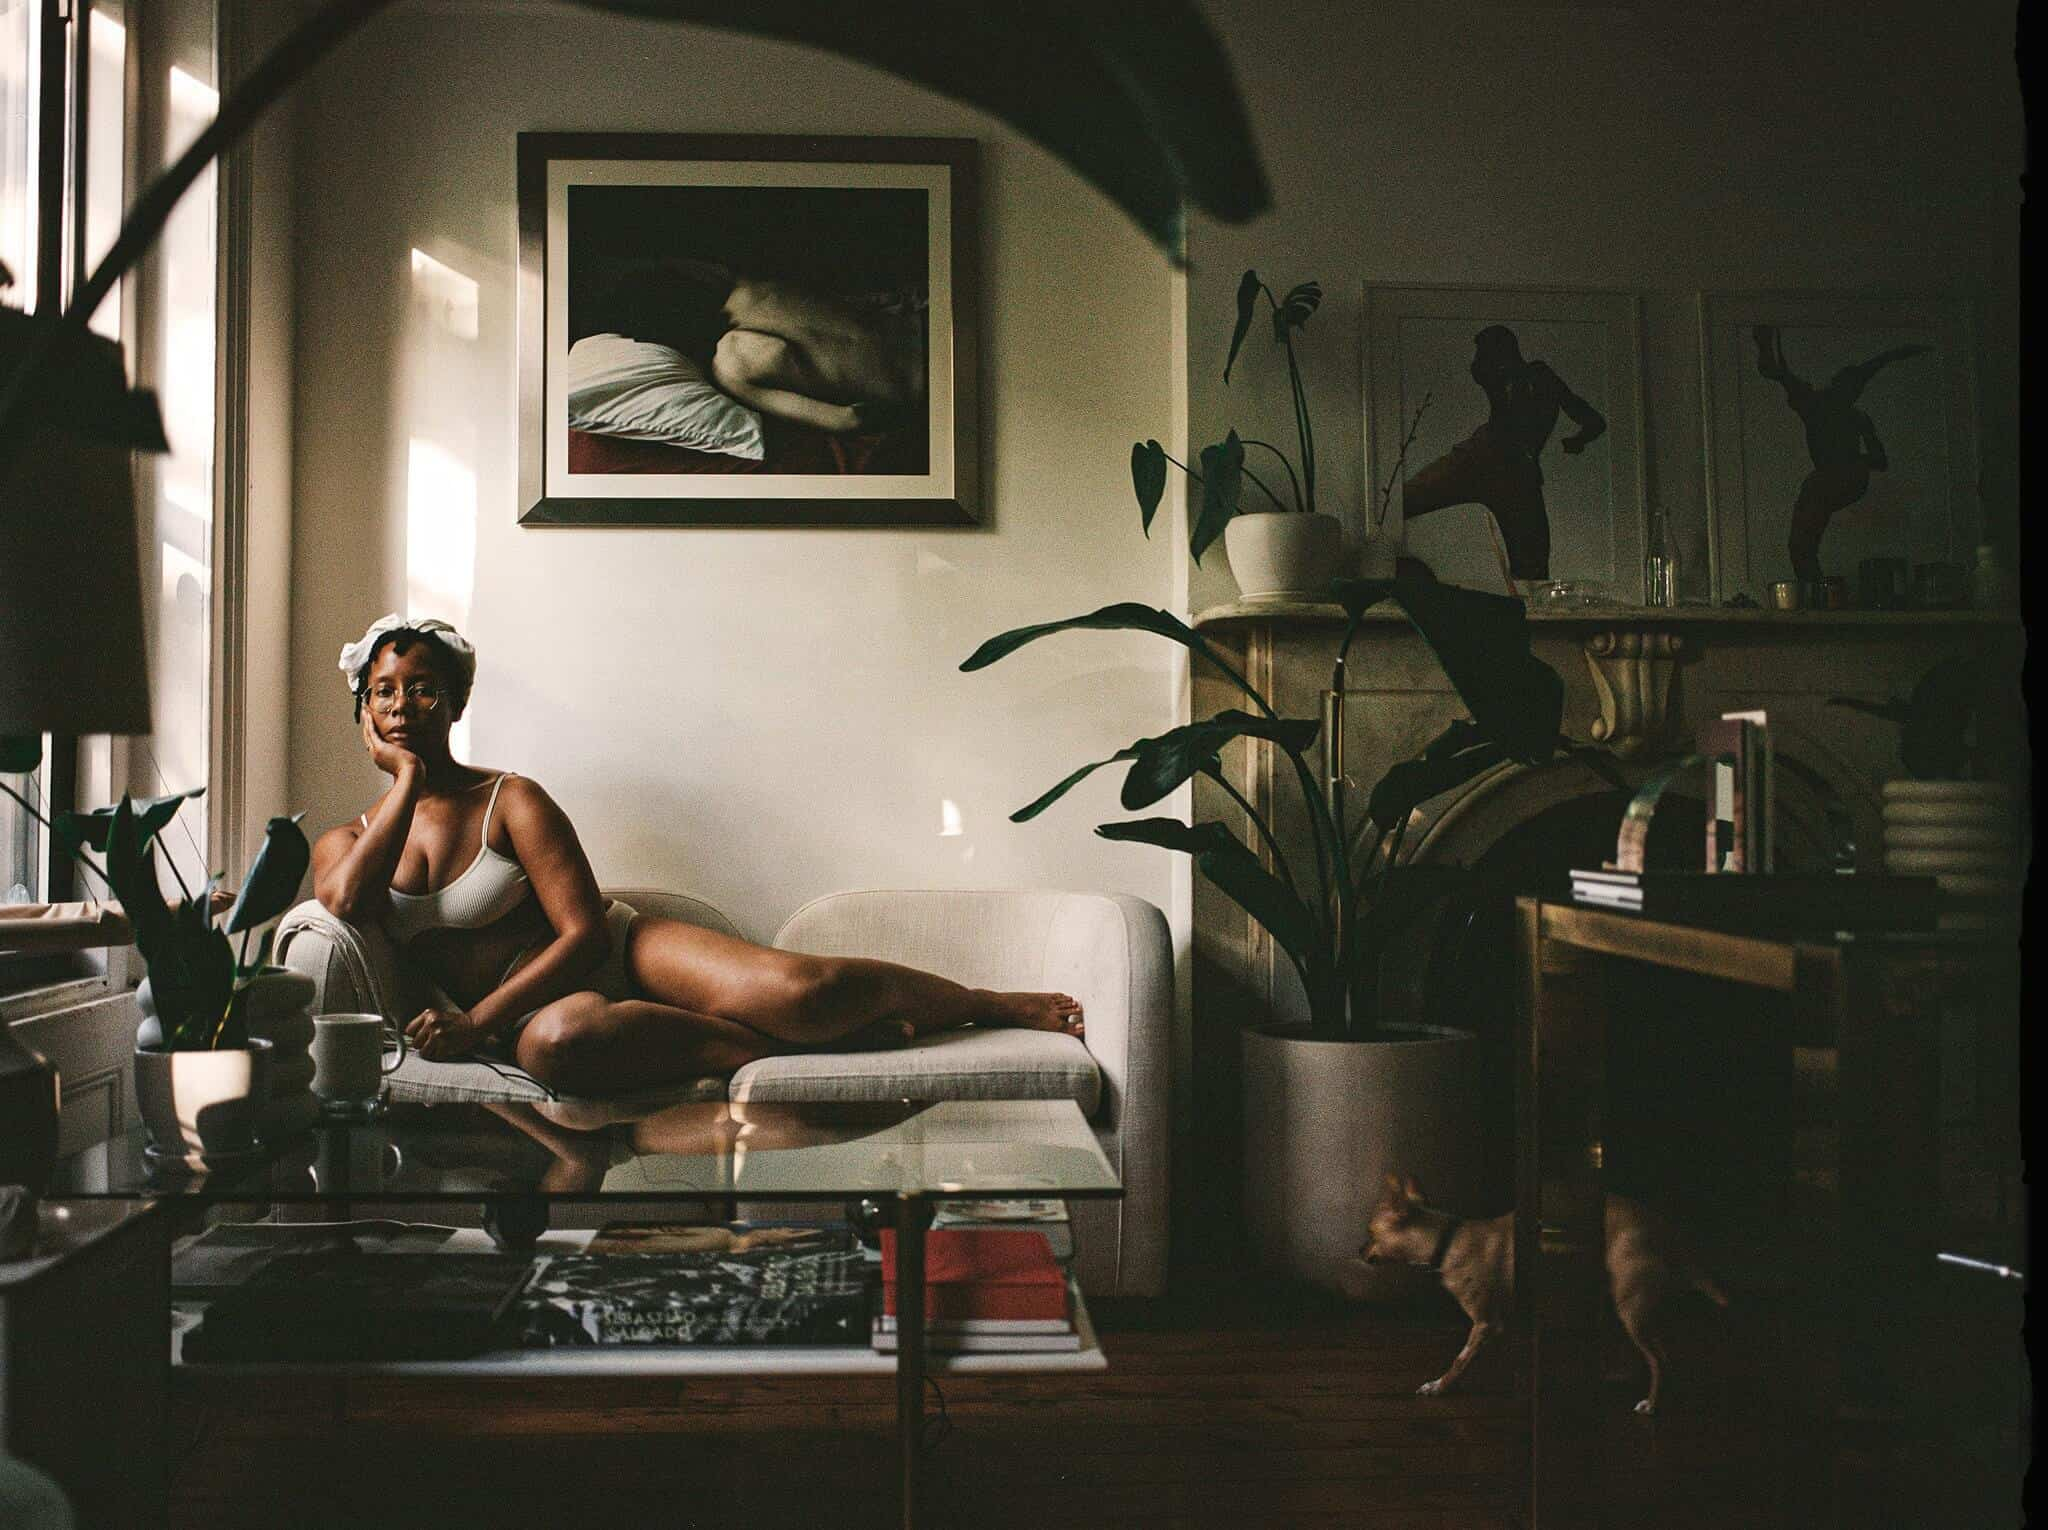 Le photographe Dana Scruggs à la maison. Son autoportrait fait partie de la collection «Sources de l'estime de soi: autoportraits de photographes noirs réfléchissant sur l'Amérique». Crédit ... Dana Scruggs pour The New York Times